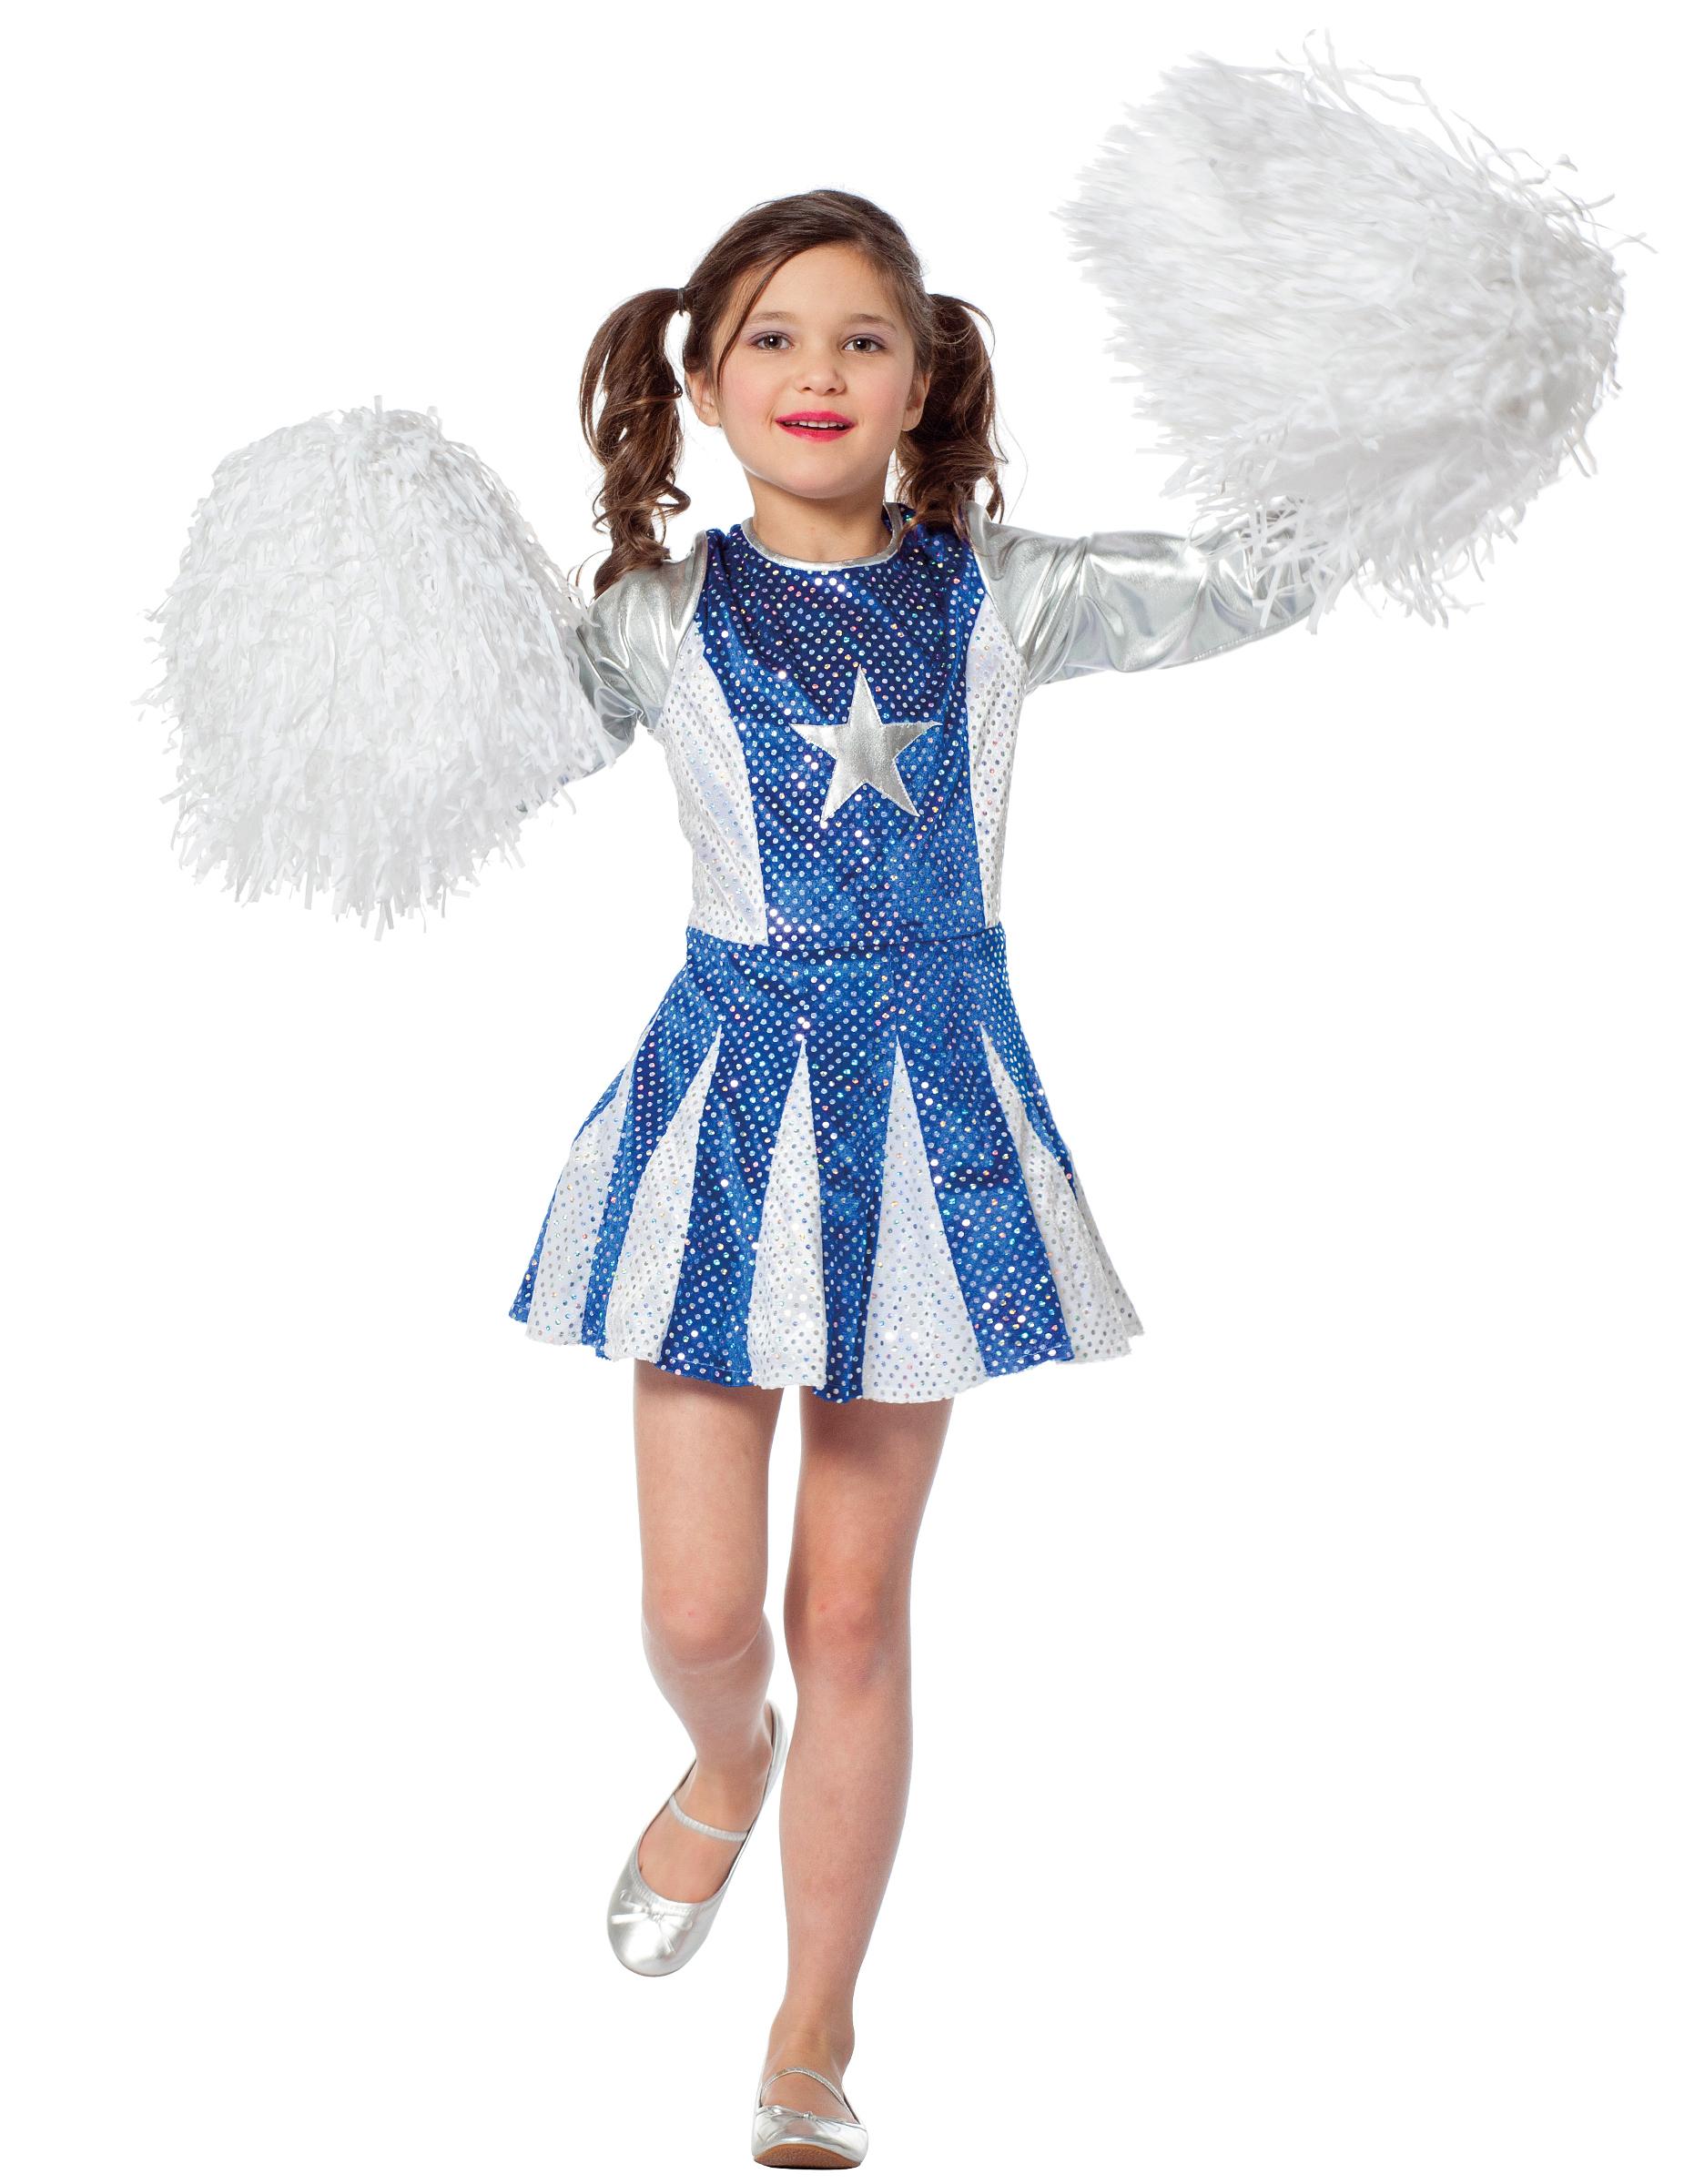 cheerleader kleid f r m dchen blau silber kost me f r kinder und g nstige faschingskost me vegaoo. Black Bedroom Furniture Sets. Home Design Ideas